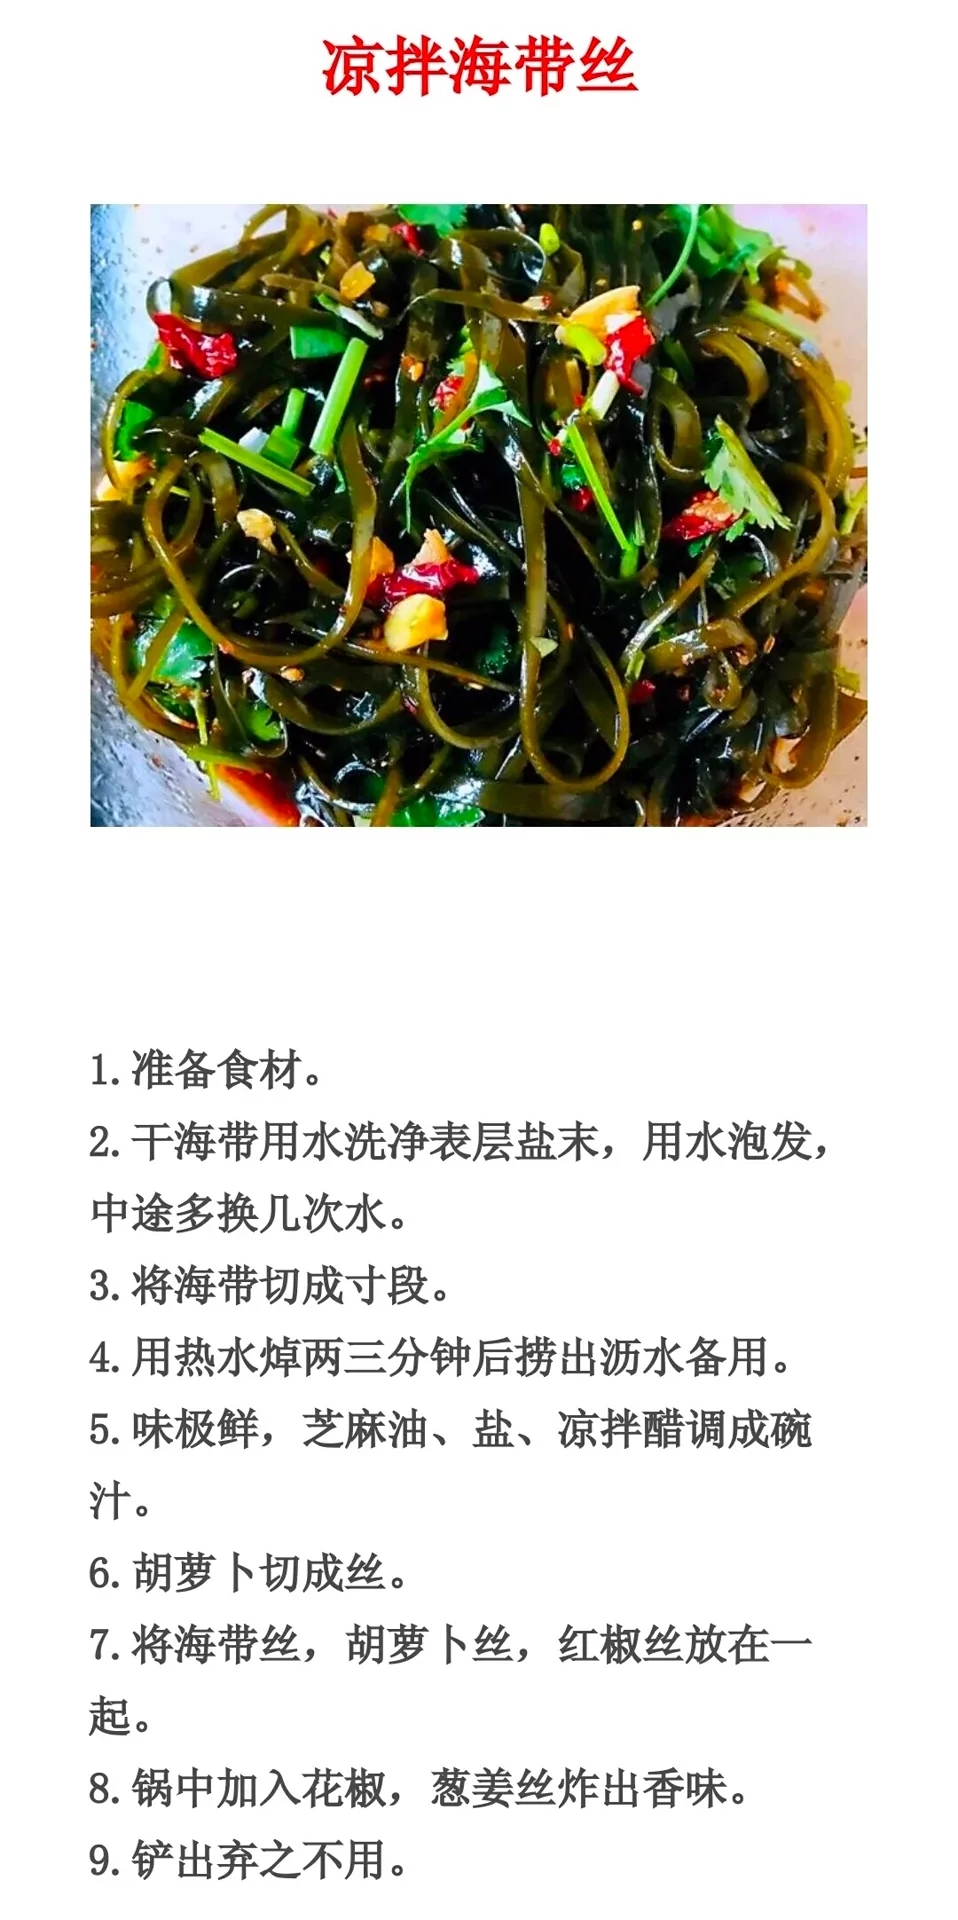 凉拌菜做法及配料 美食做法 第11张